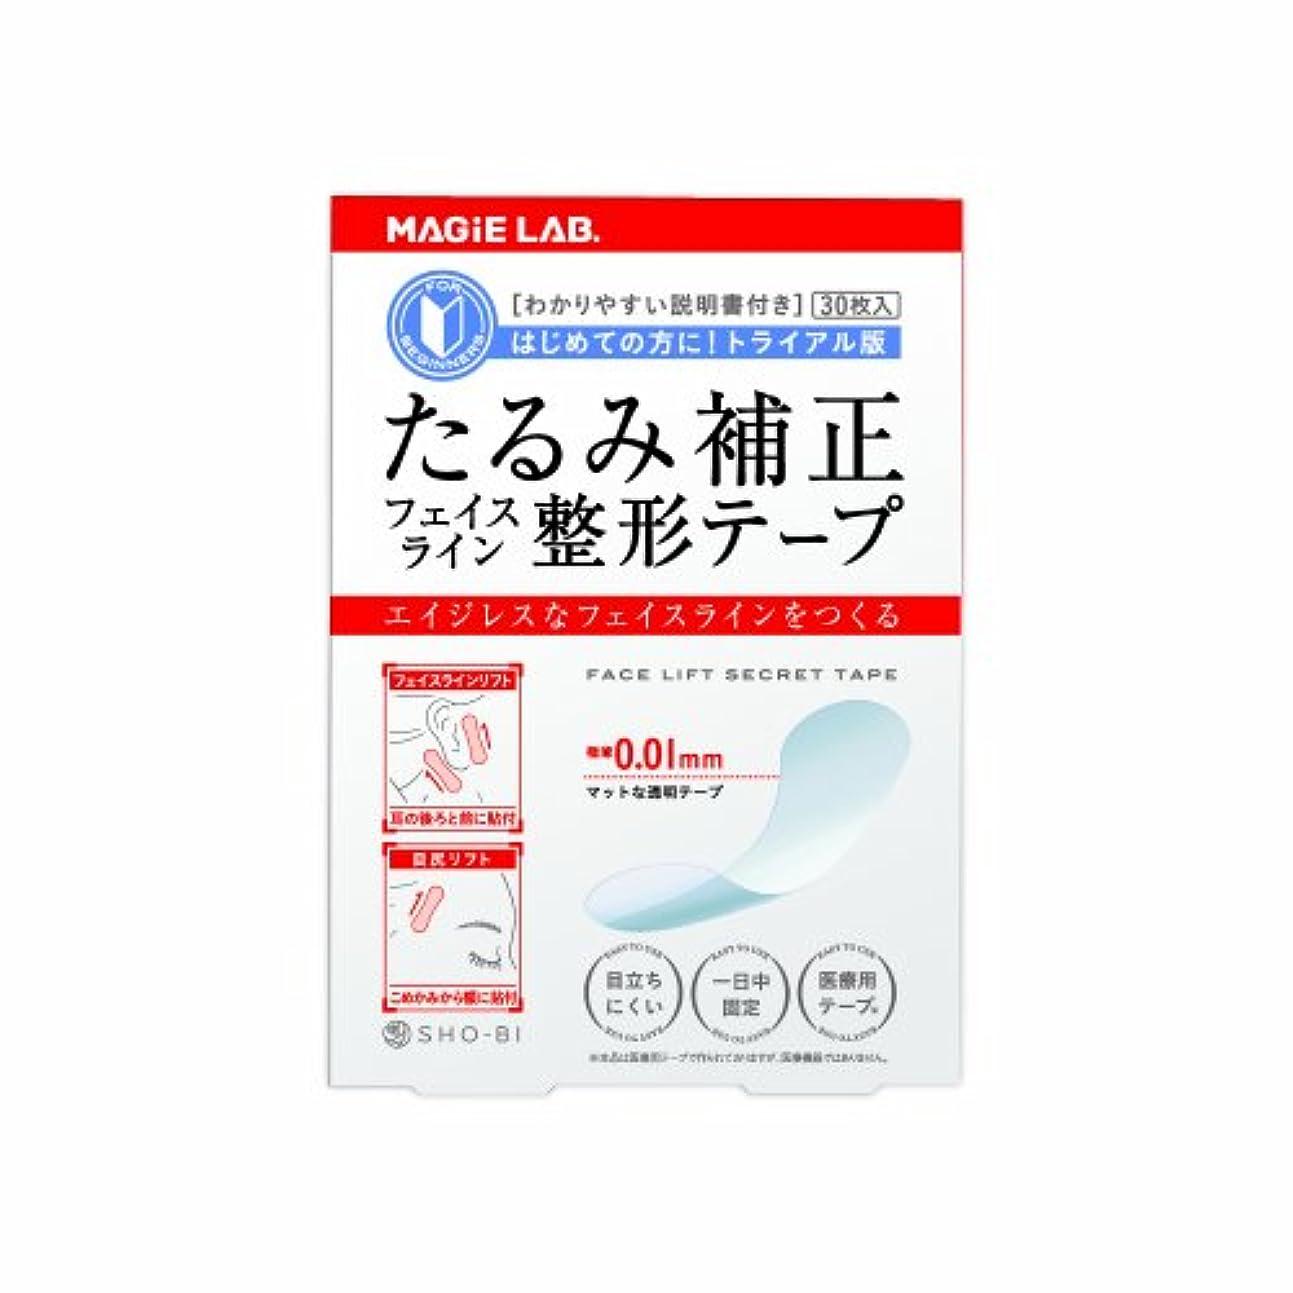 愛人不屈性別フェイスライン 整形テープ トライアル版 30枚入 ( MG22106 ) マジラボ MAGiE LAB.